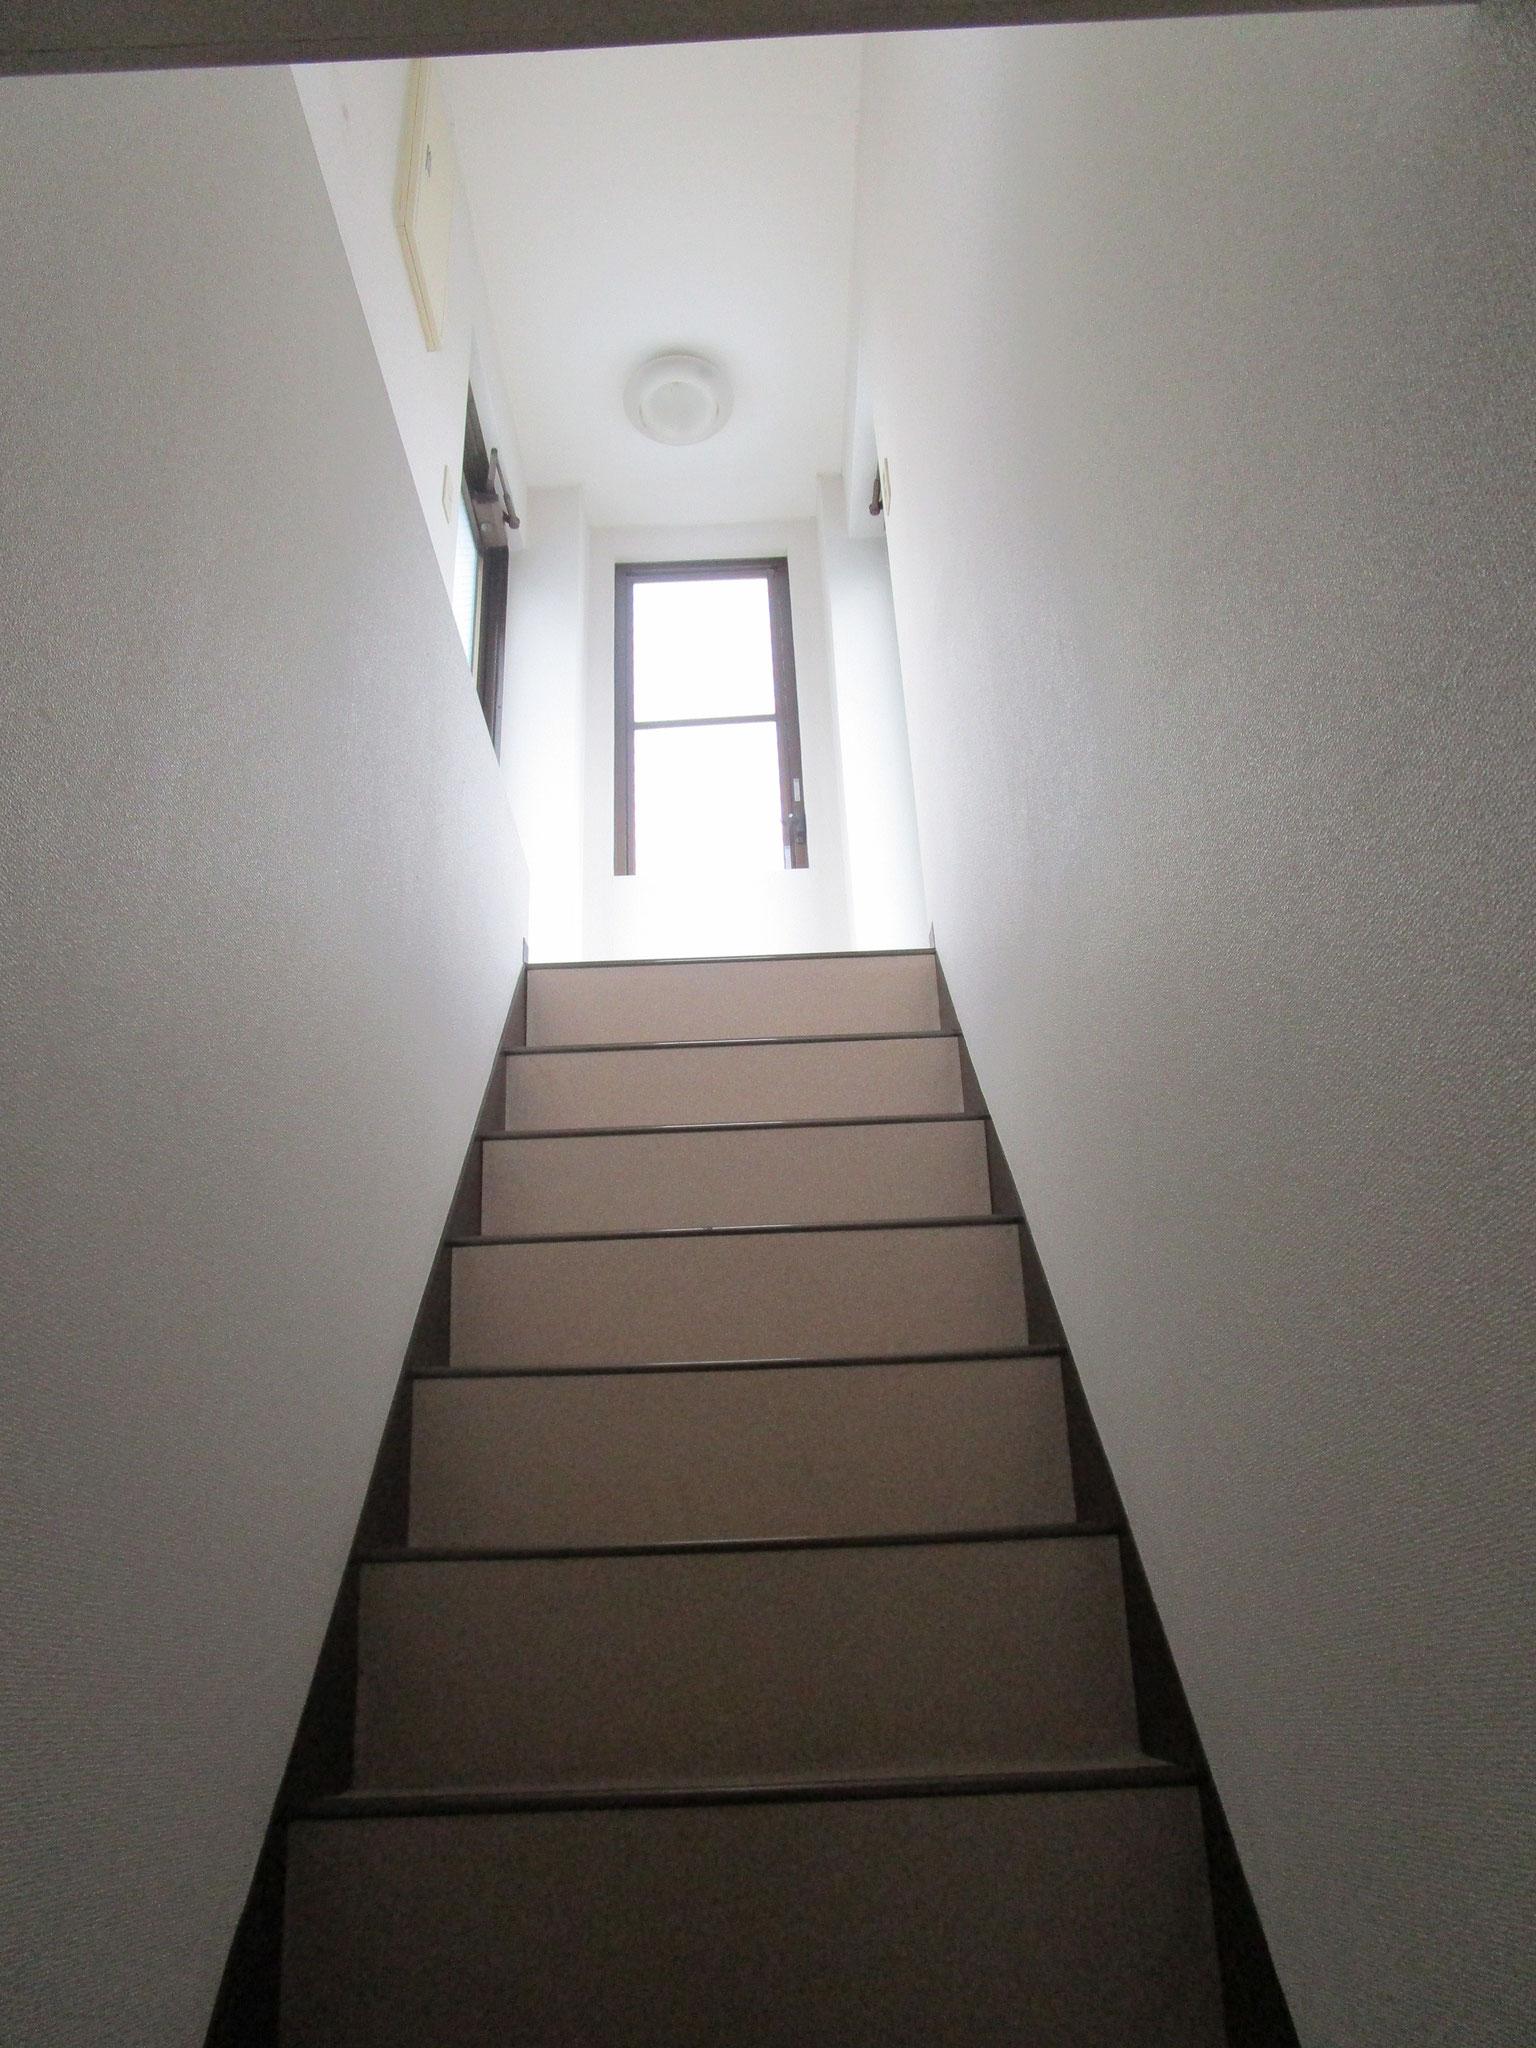 その右側の階段を上がると両側に屋上へのドアがあります